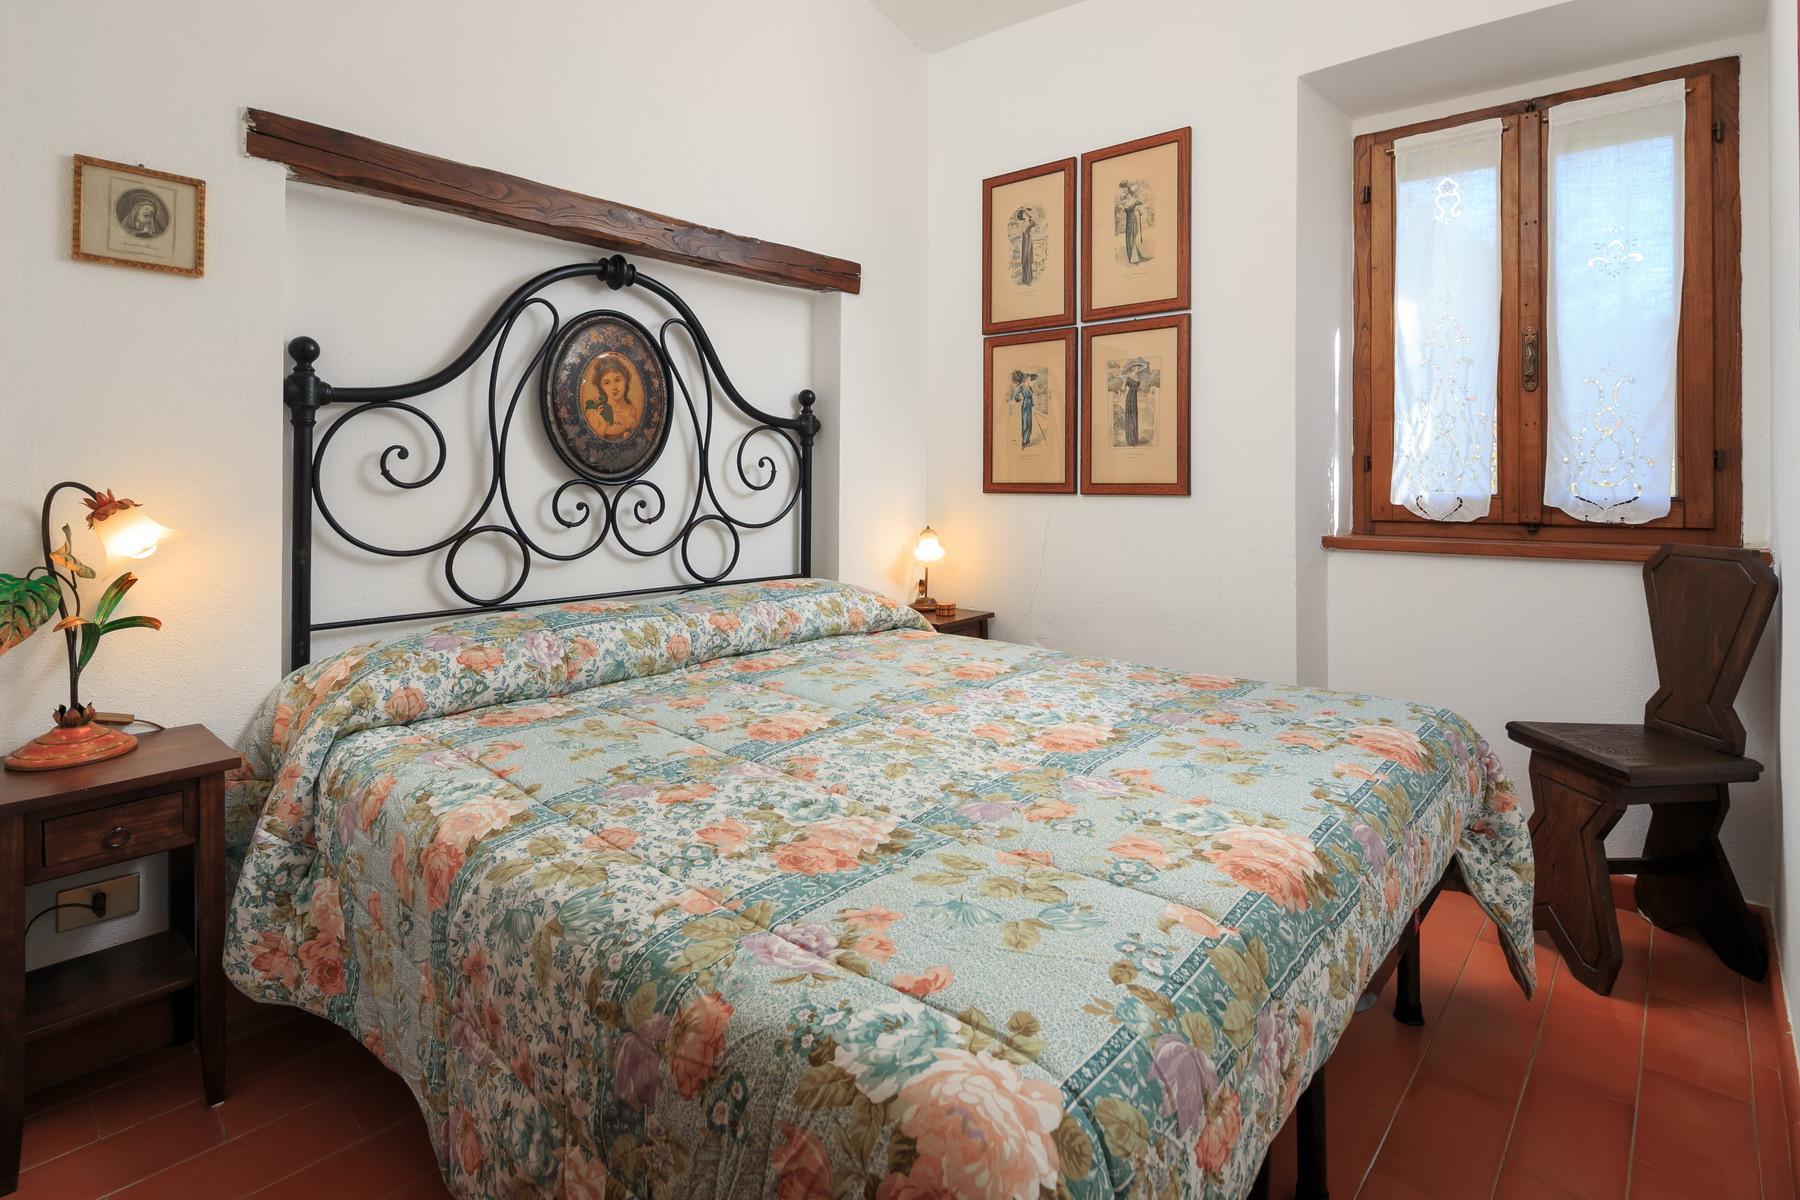 Rustico in Vendita a Manciano: 5 locali, 247 mq - Foto 21